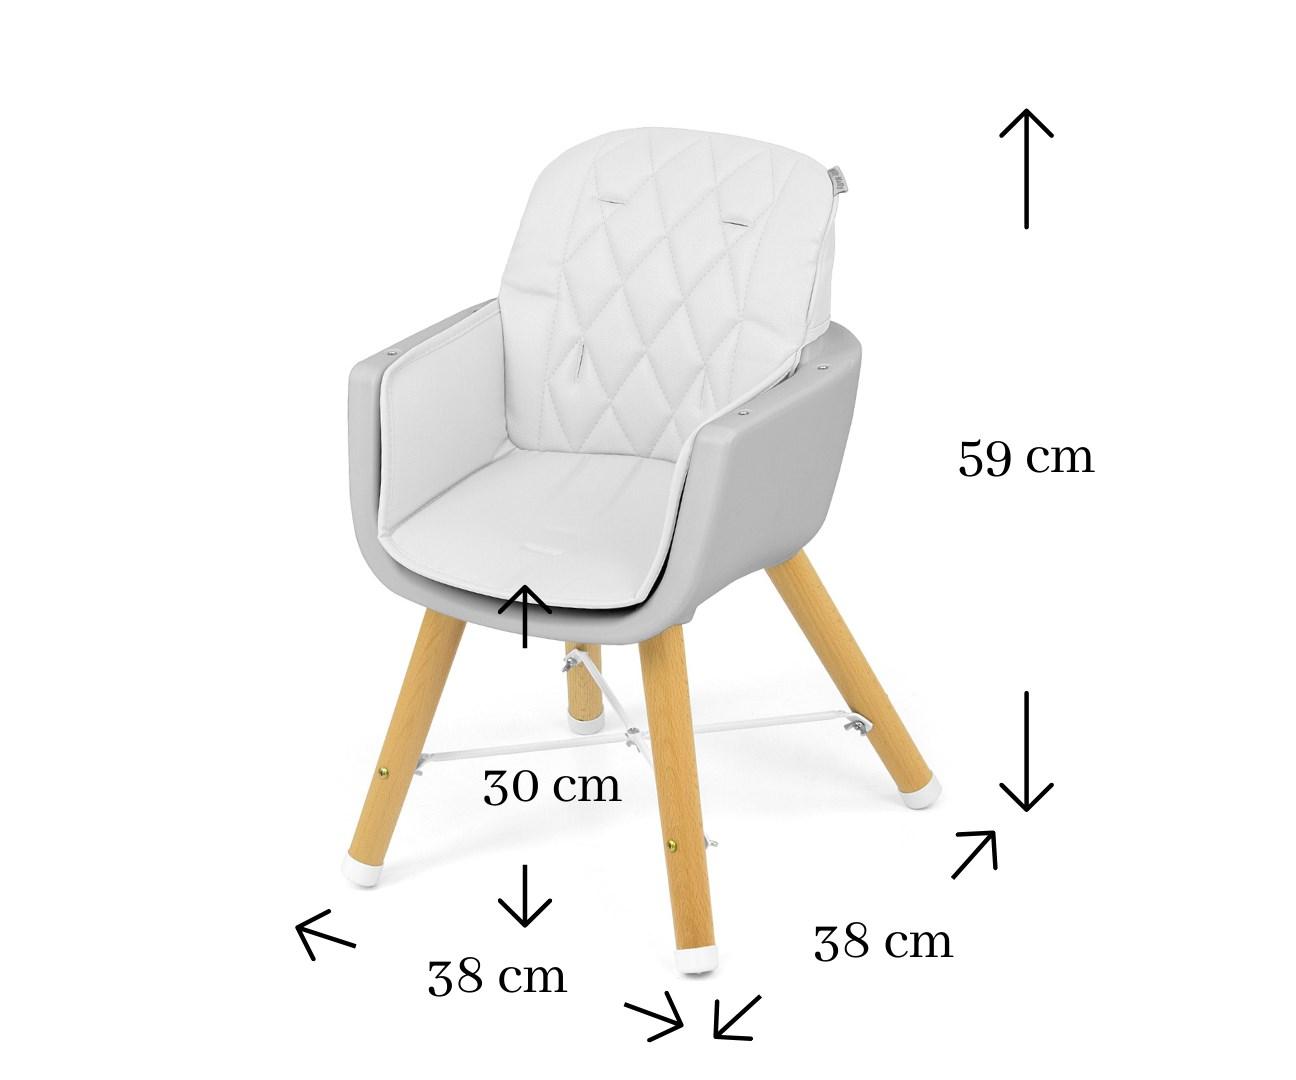 Jídelní židlička Milly Mally 2v1 Espoo